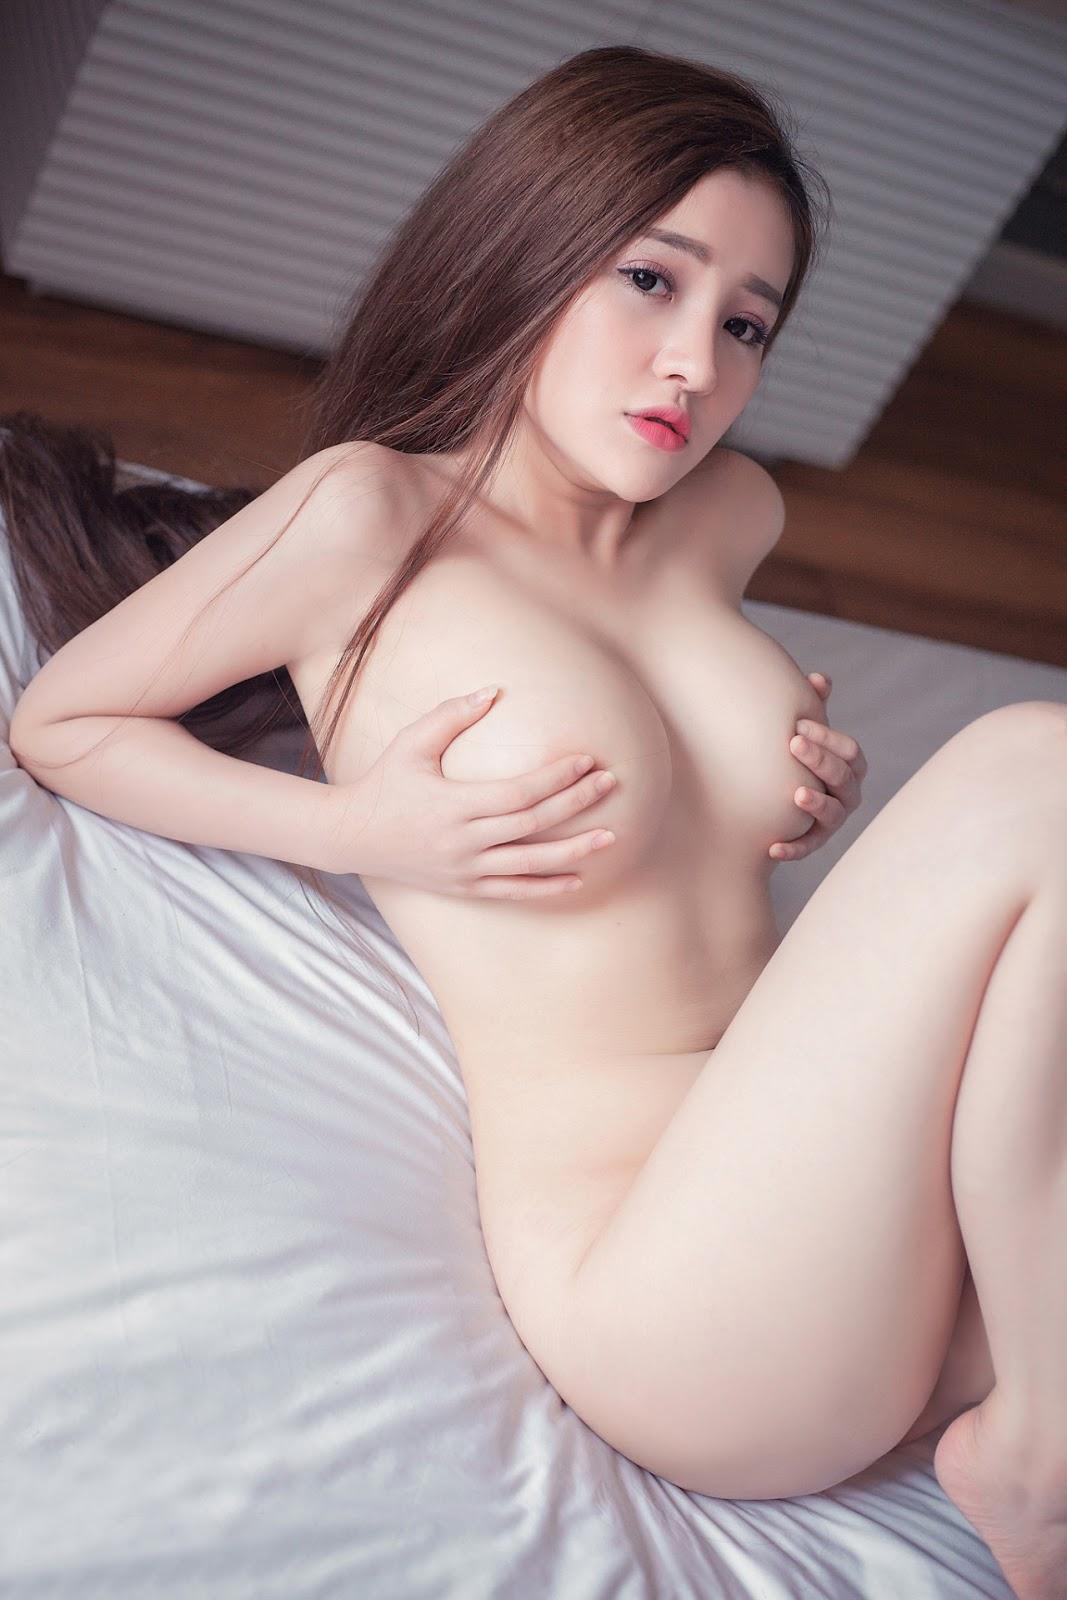 from Ali cerita dewasa sex cerita sex gay